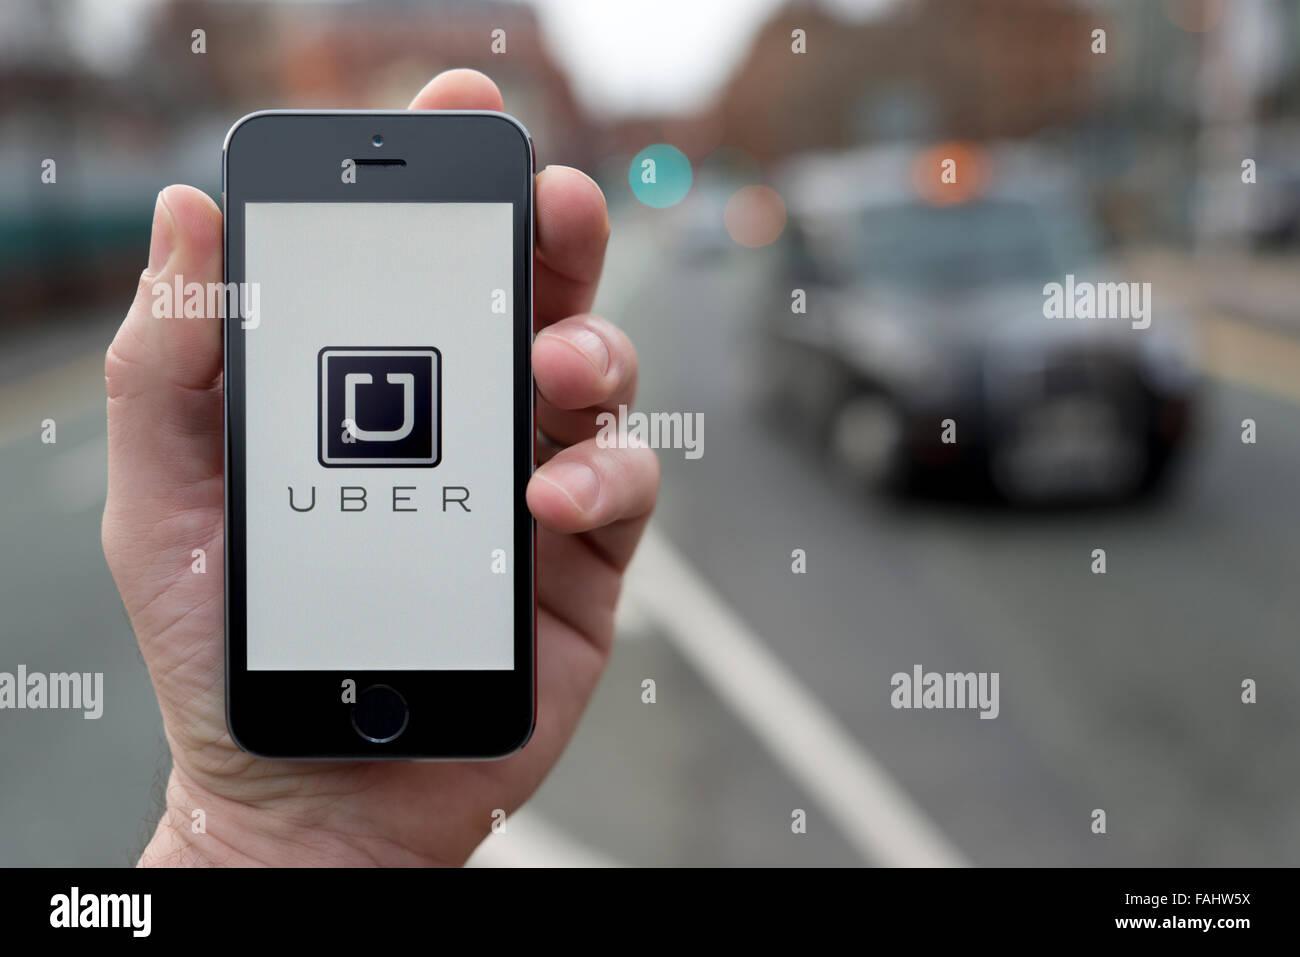 Un hombre usa el taxi Uber aplicación smartphone mientras estaba en una parada de taxis (uso Editorial solamente) Imagen De Stock